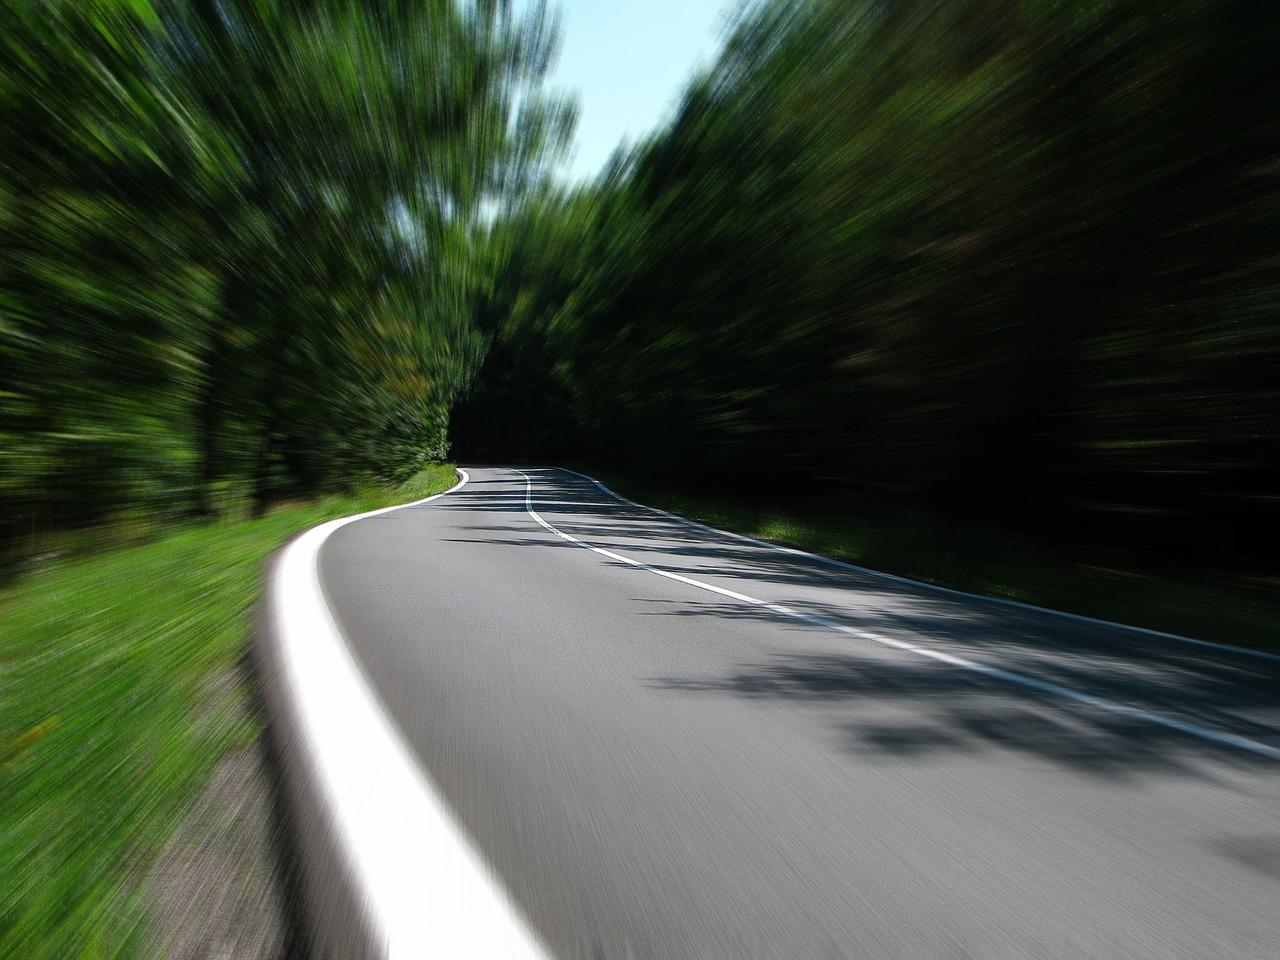 В Гробиньском крае несся со скоростью 142 км/час; Государственная полиция выявляет все больше нарушителей скоростного режима в Курземе